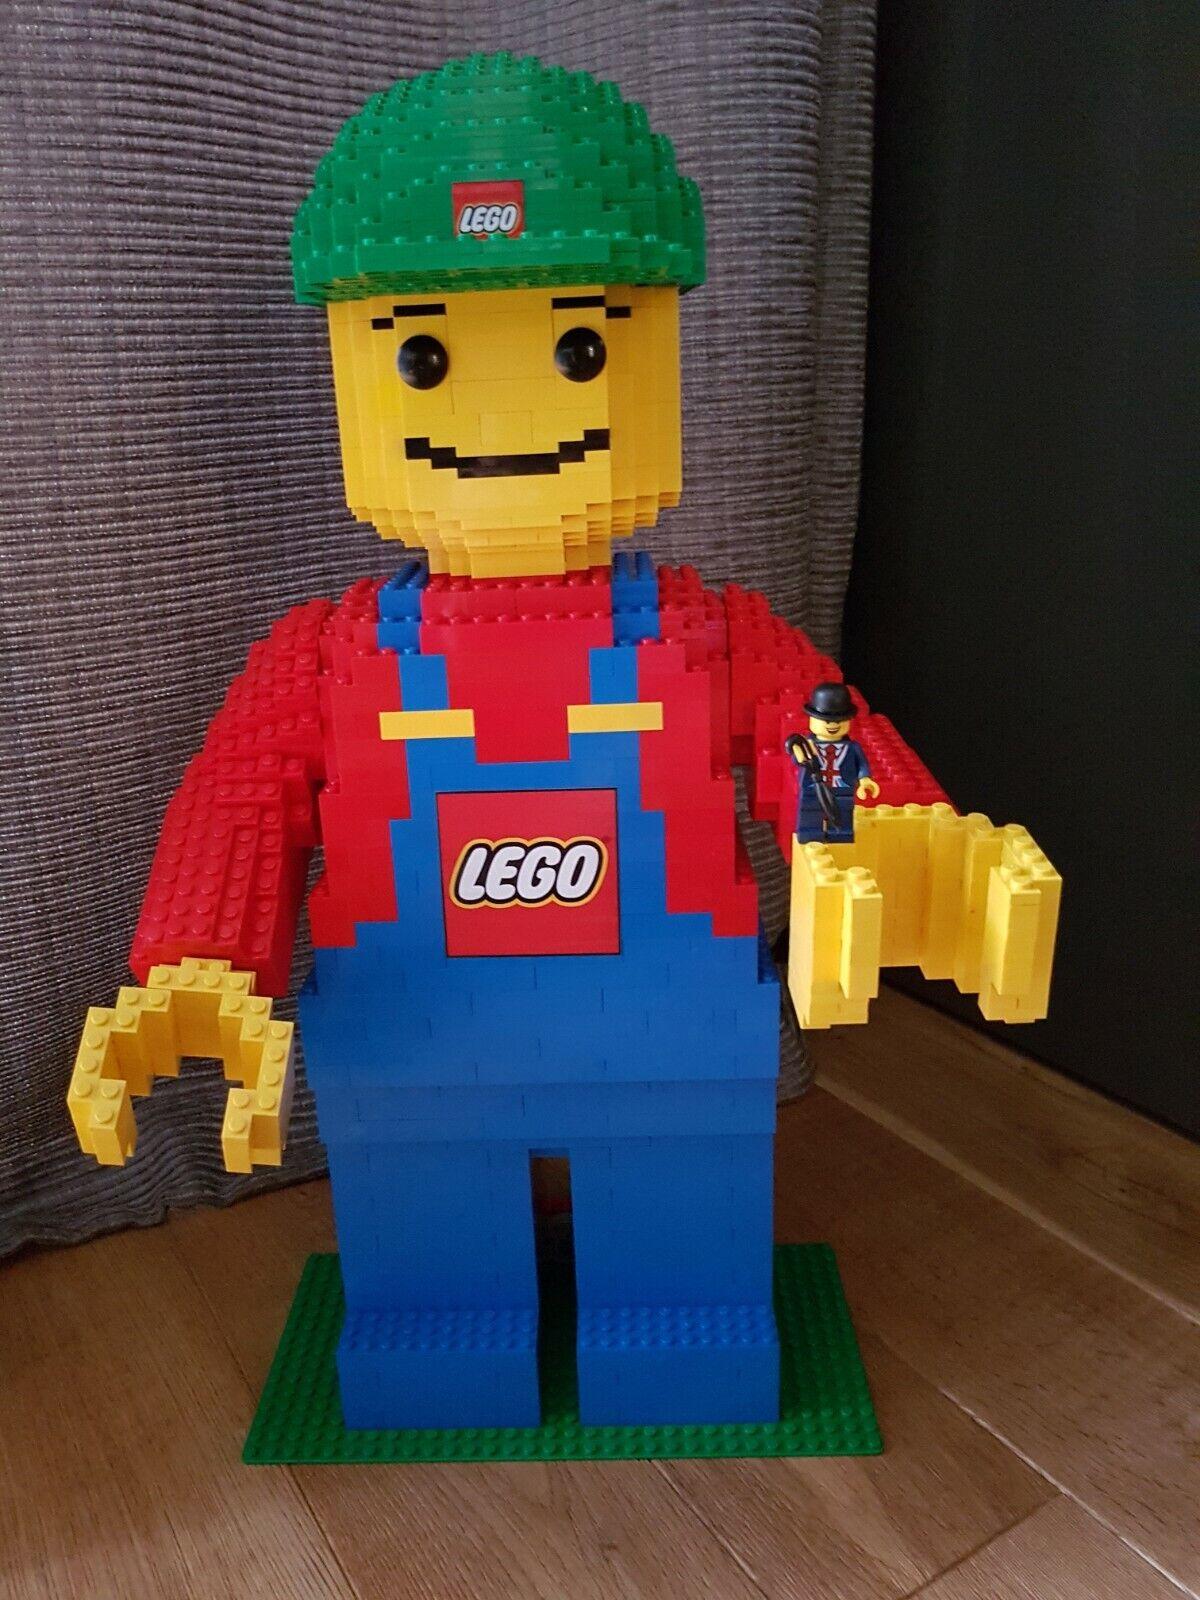 LEGO Sculptures GIANT Minifigur - 3723 - rödo att bygga - Nu med pinnar